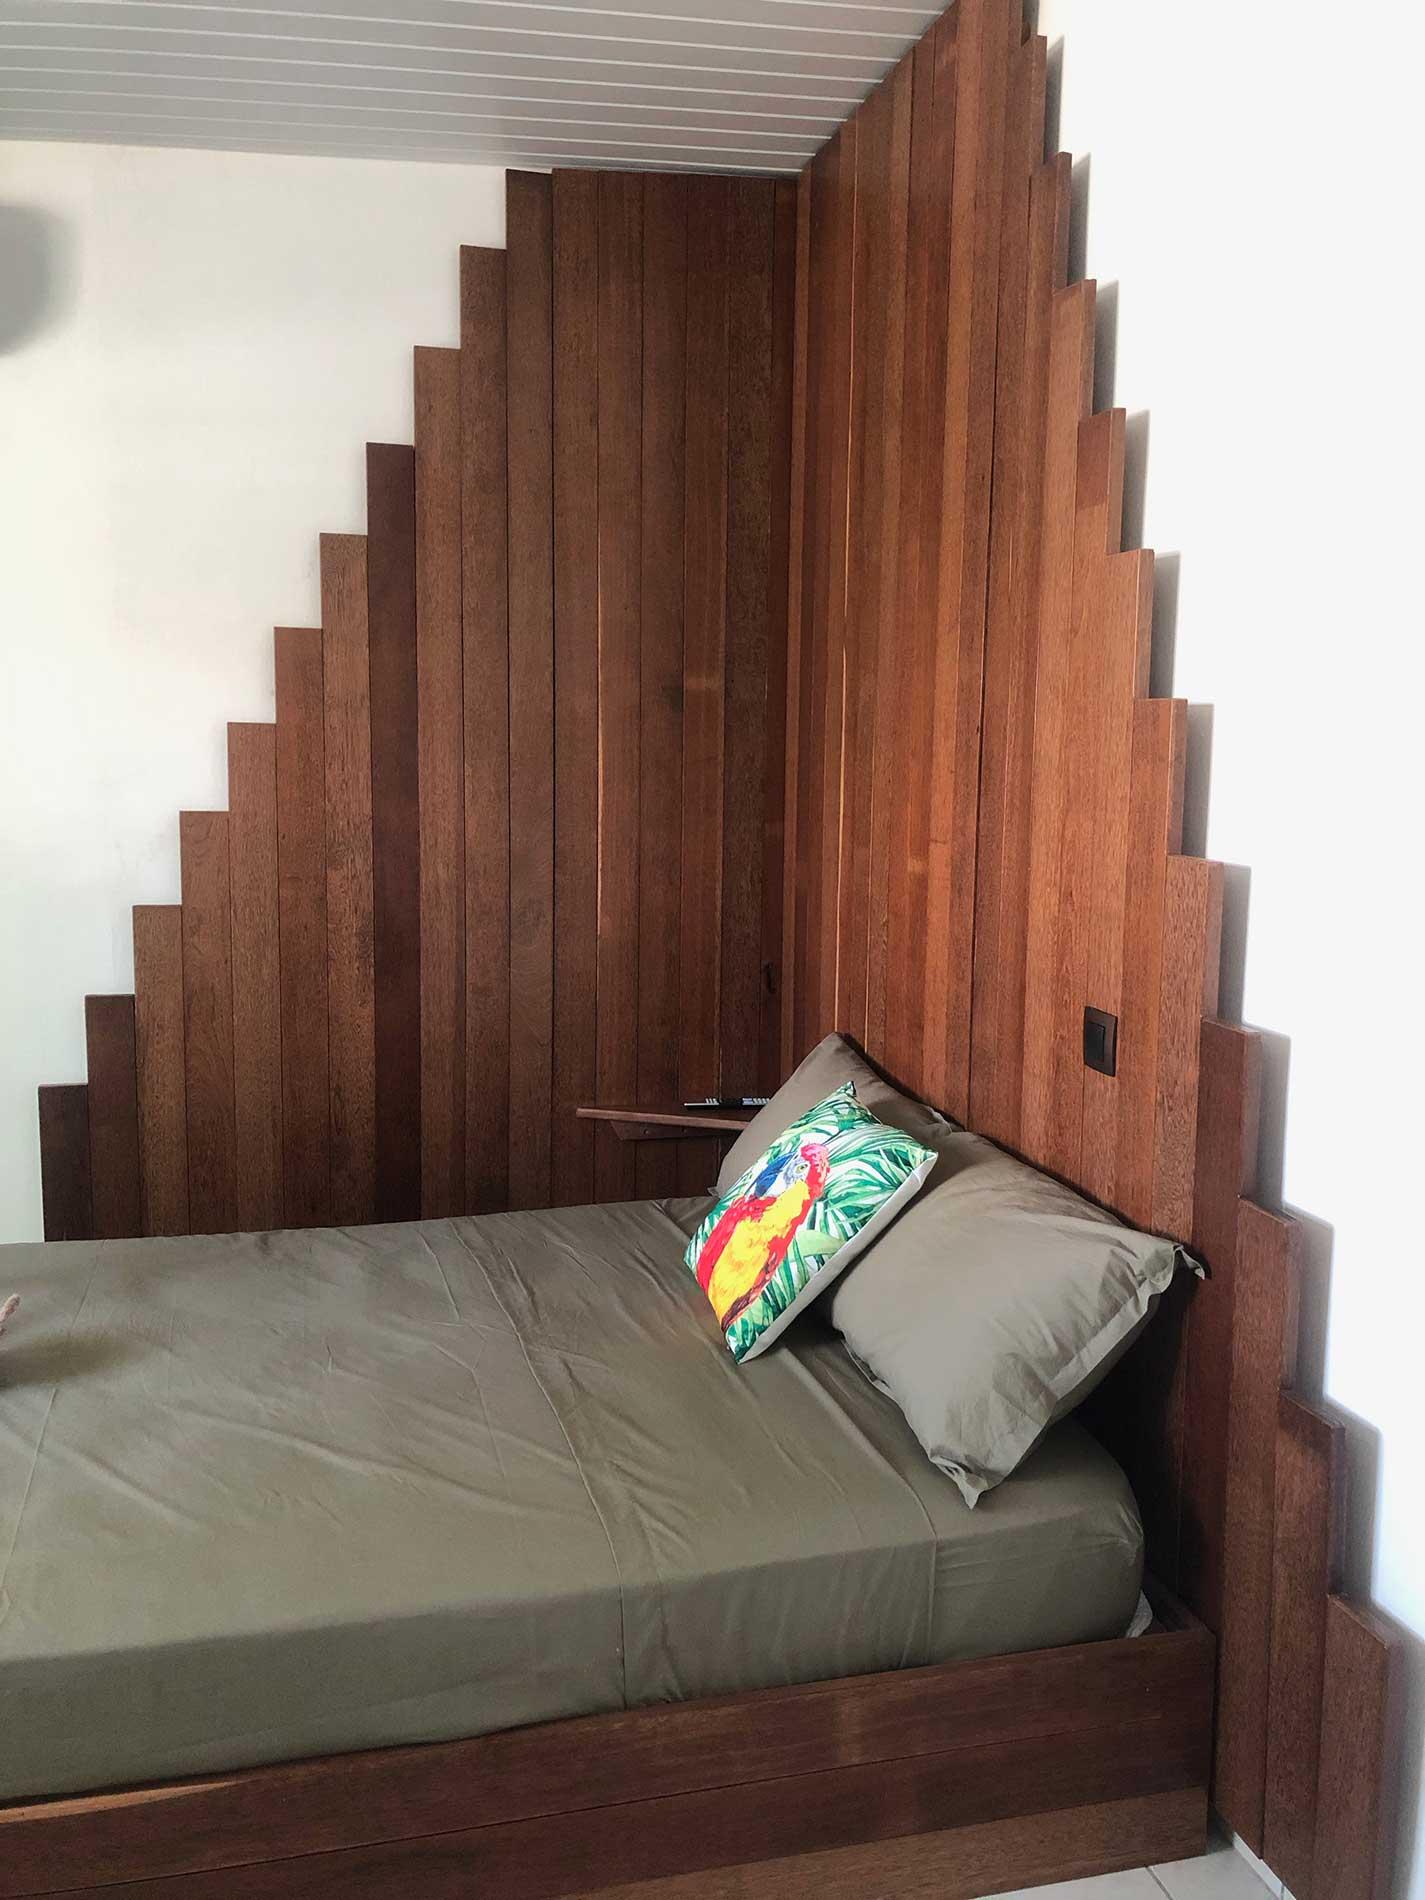 Vue sur la tête de lit en forme de pyramise faite en bois wacapou